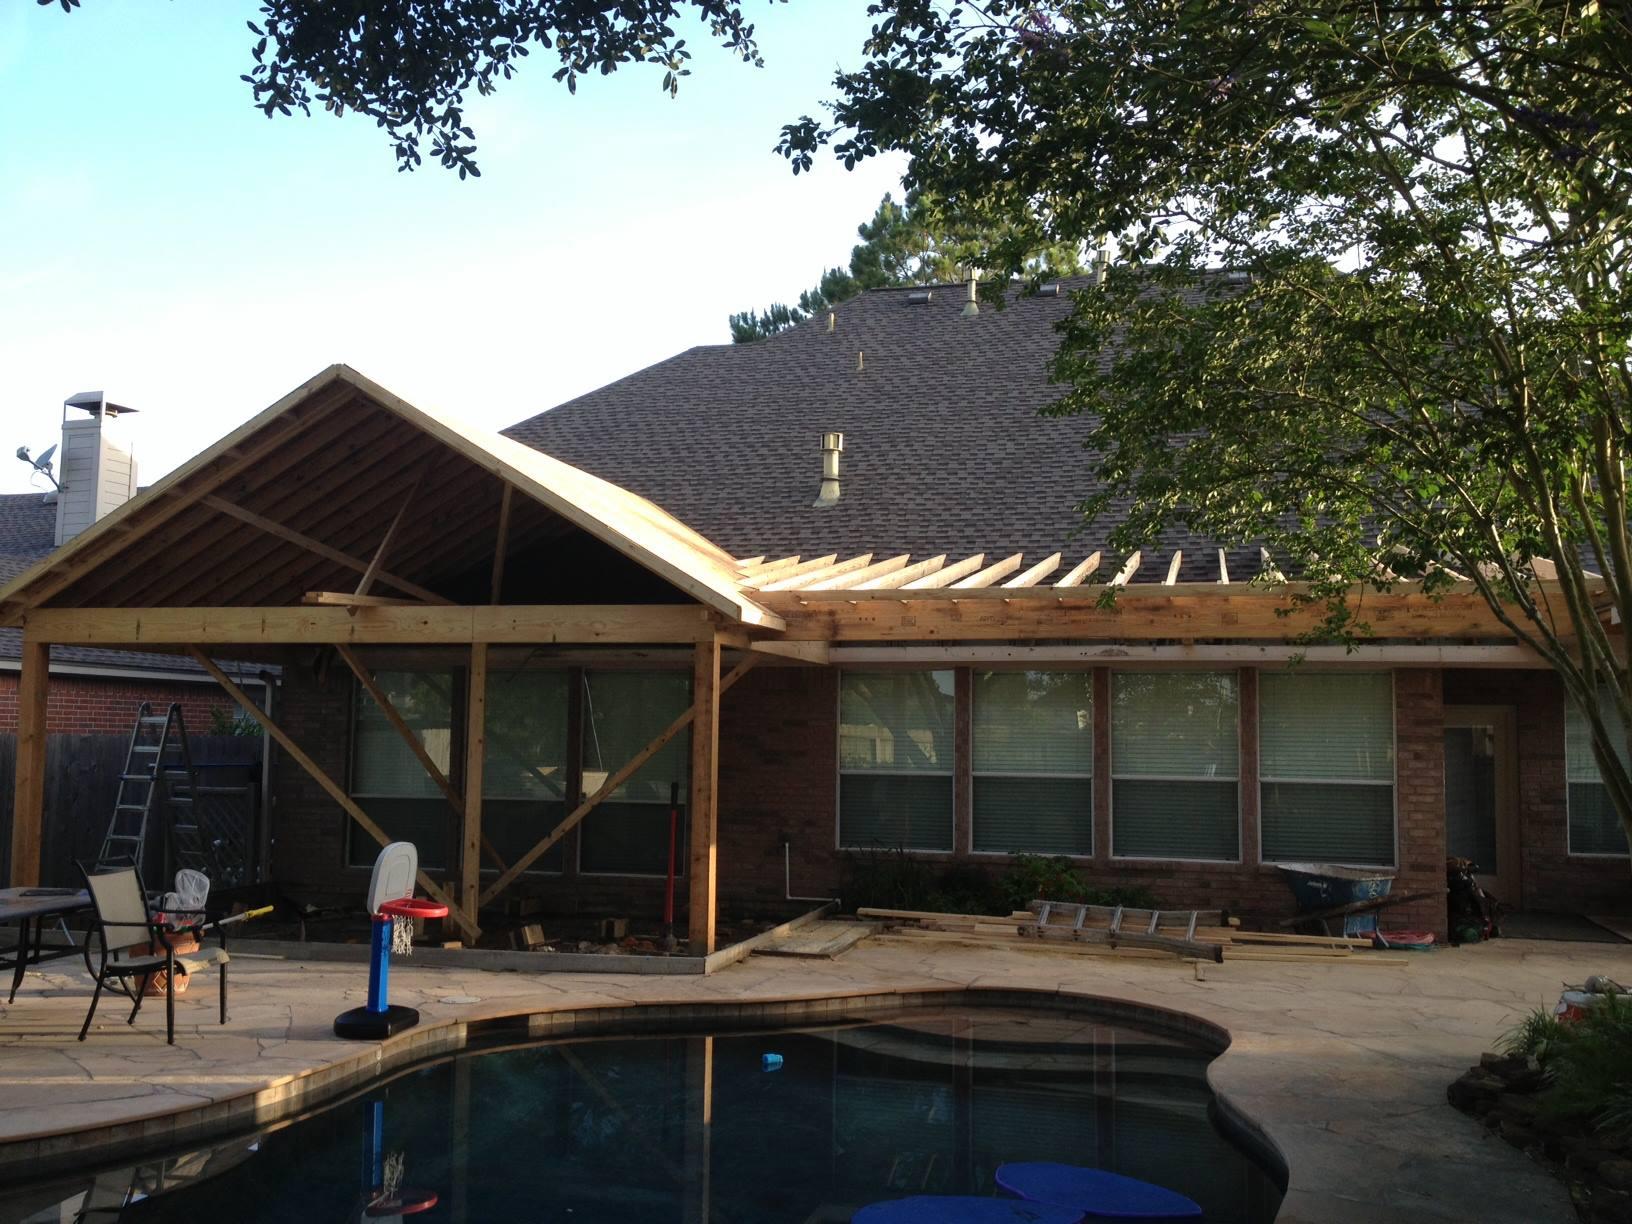 Picketts Swimming Pool Katy Texas Pool Builder Sahara Pools Katy Tx